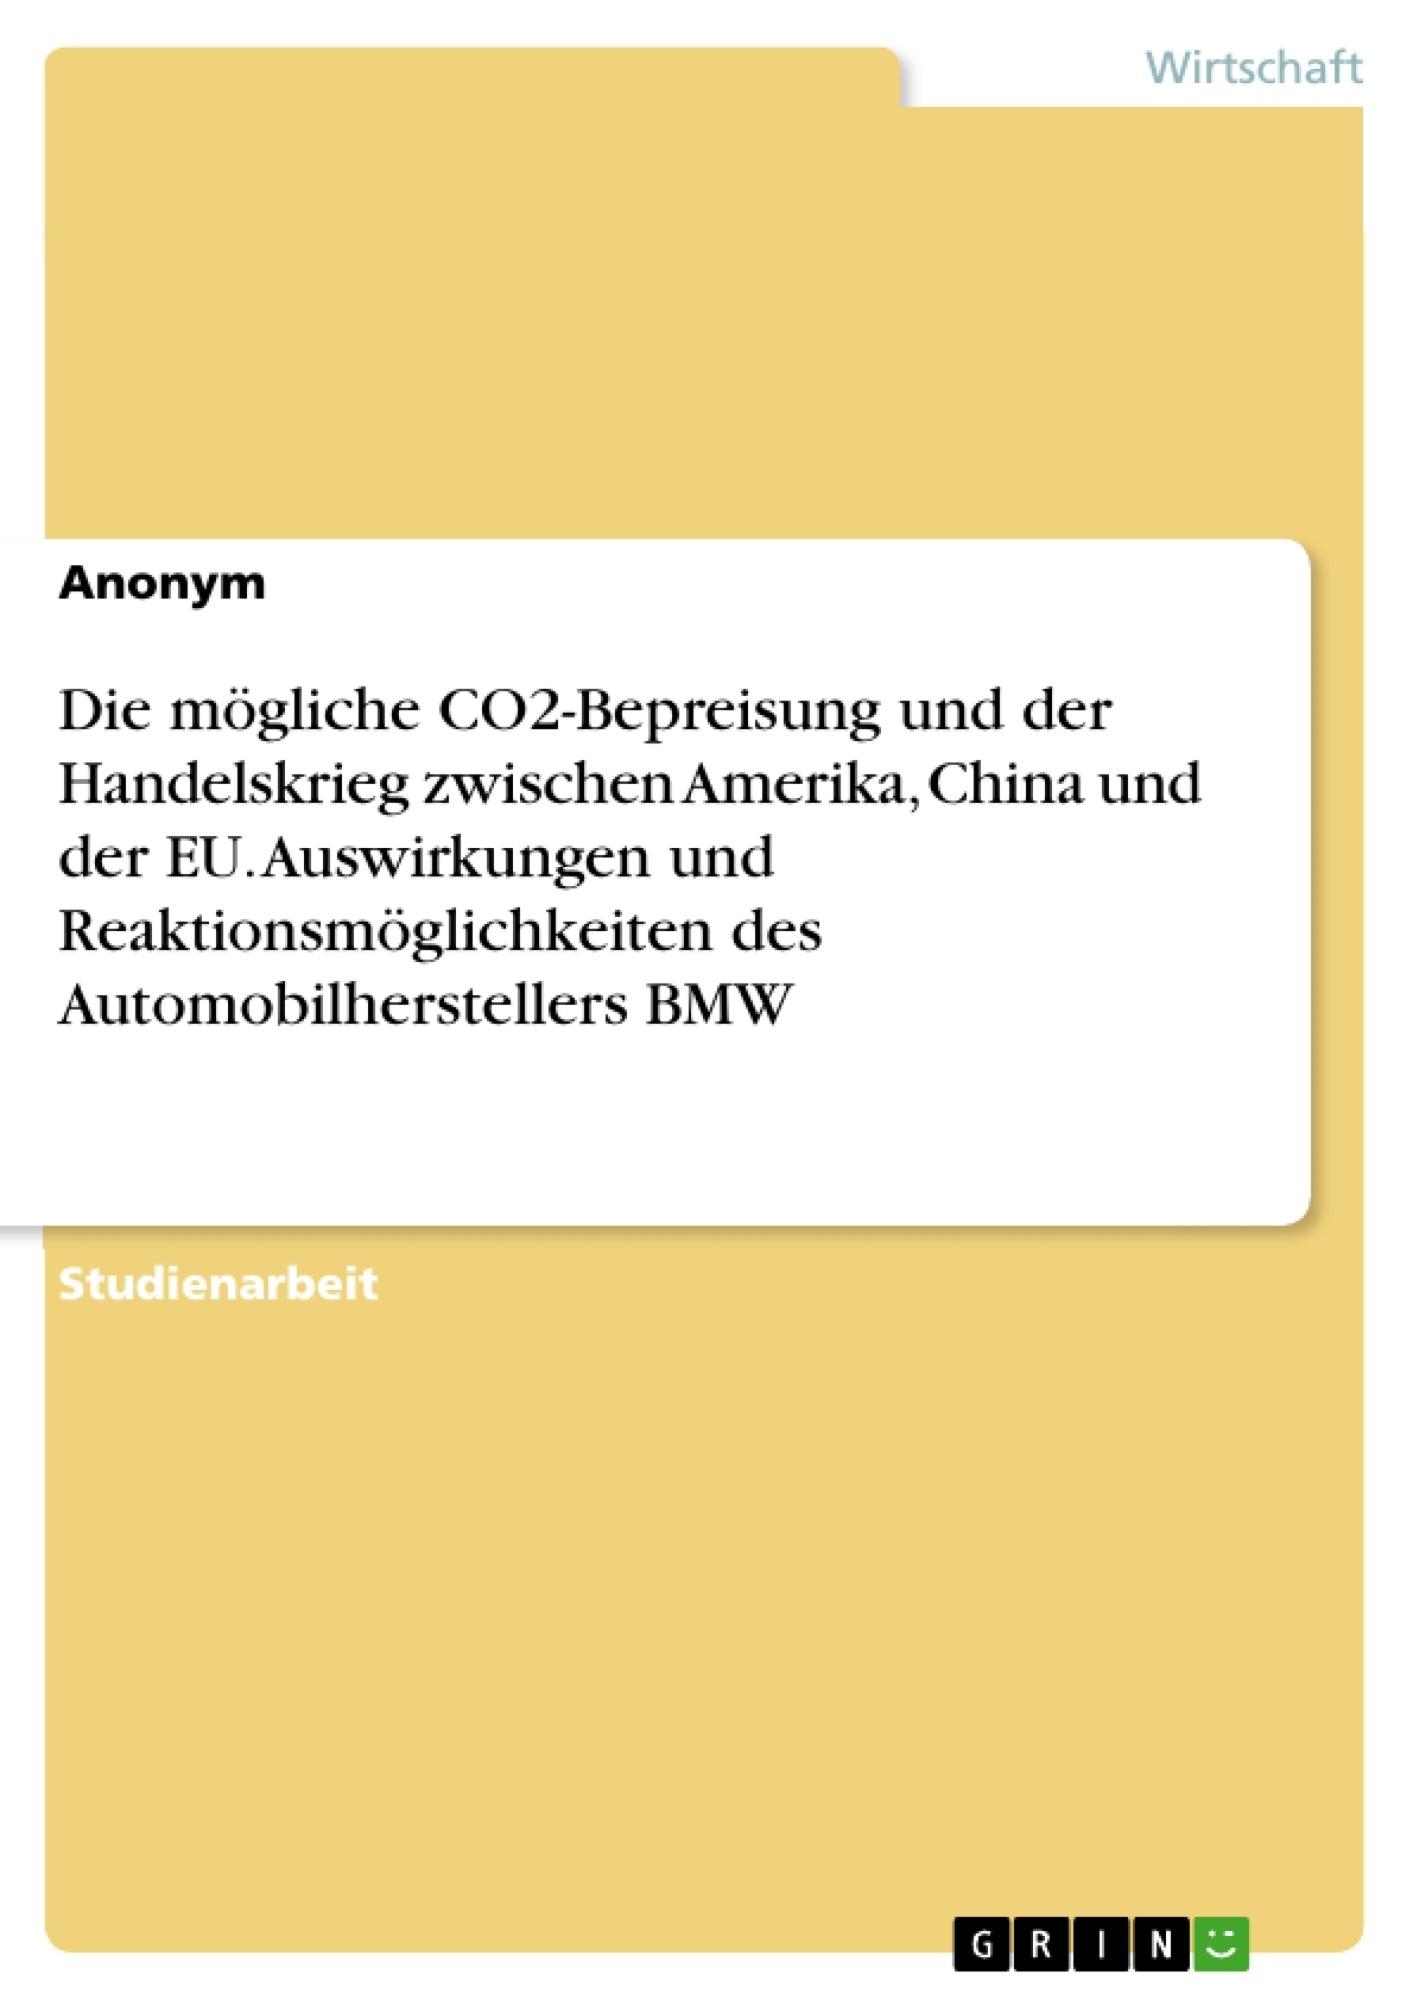 Titel: Die mögliche CO2-Bepreisung und der Handelskrieg zwischen Amerika, China und der EU. Auswirkungen und Reaktionsmöglichkeiten des Automobilherstellers BMW